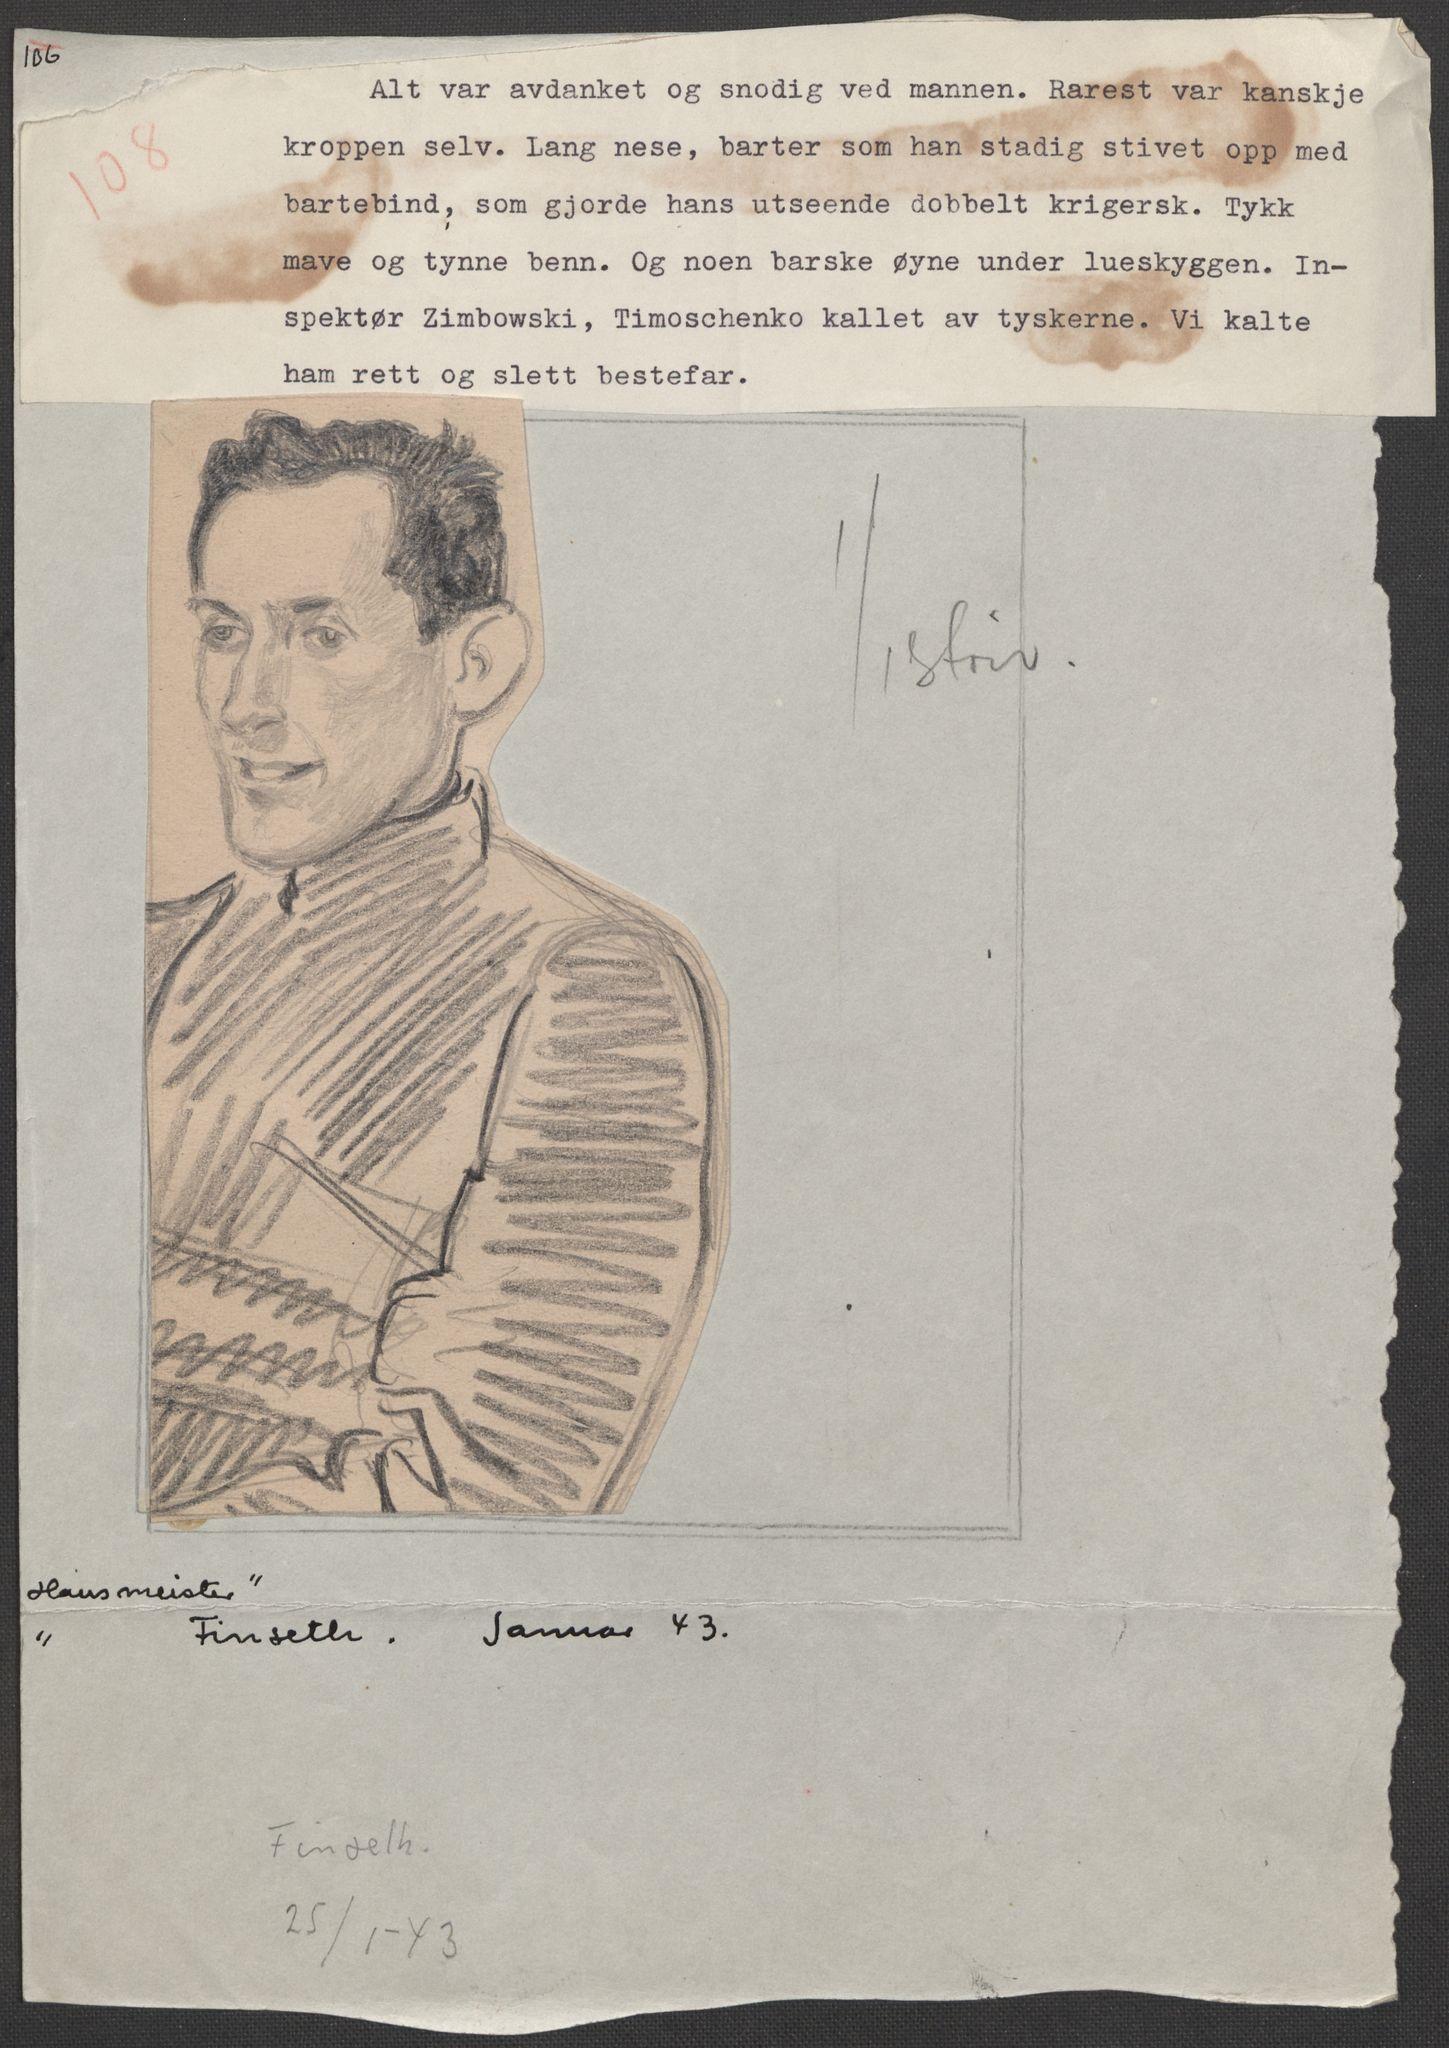 RA, Grøgaard, Joachim, F/L0002: Tegninger og tekster, 1942-1945, s. 84